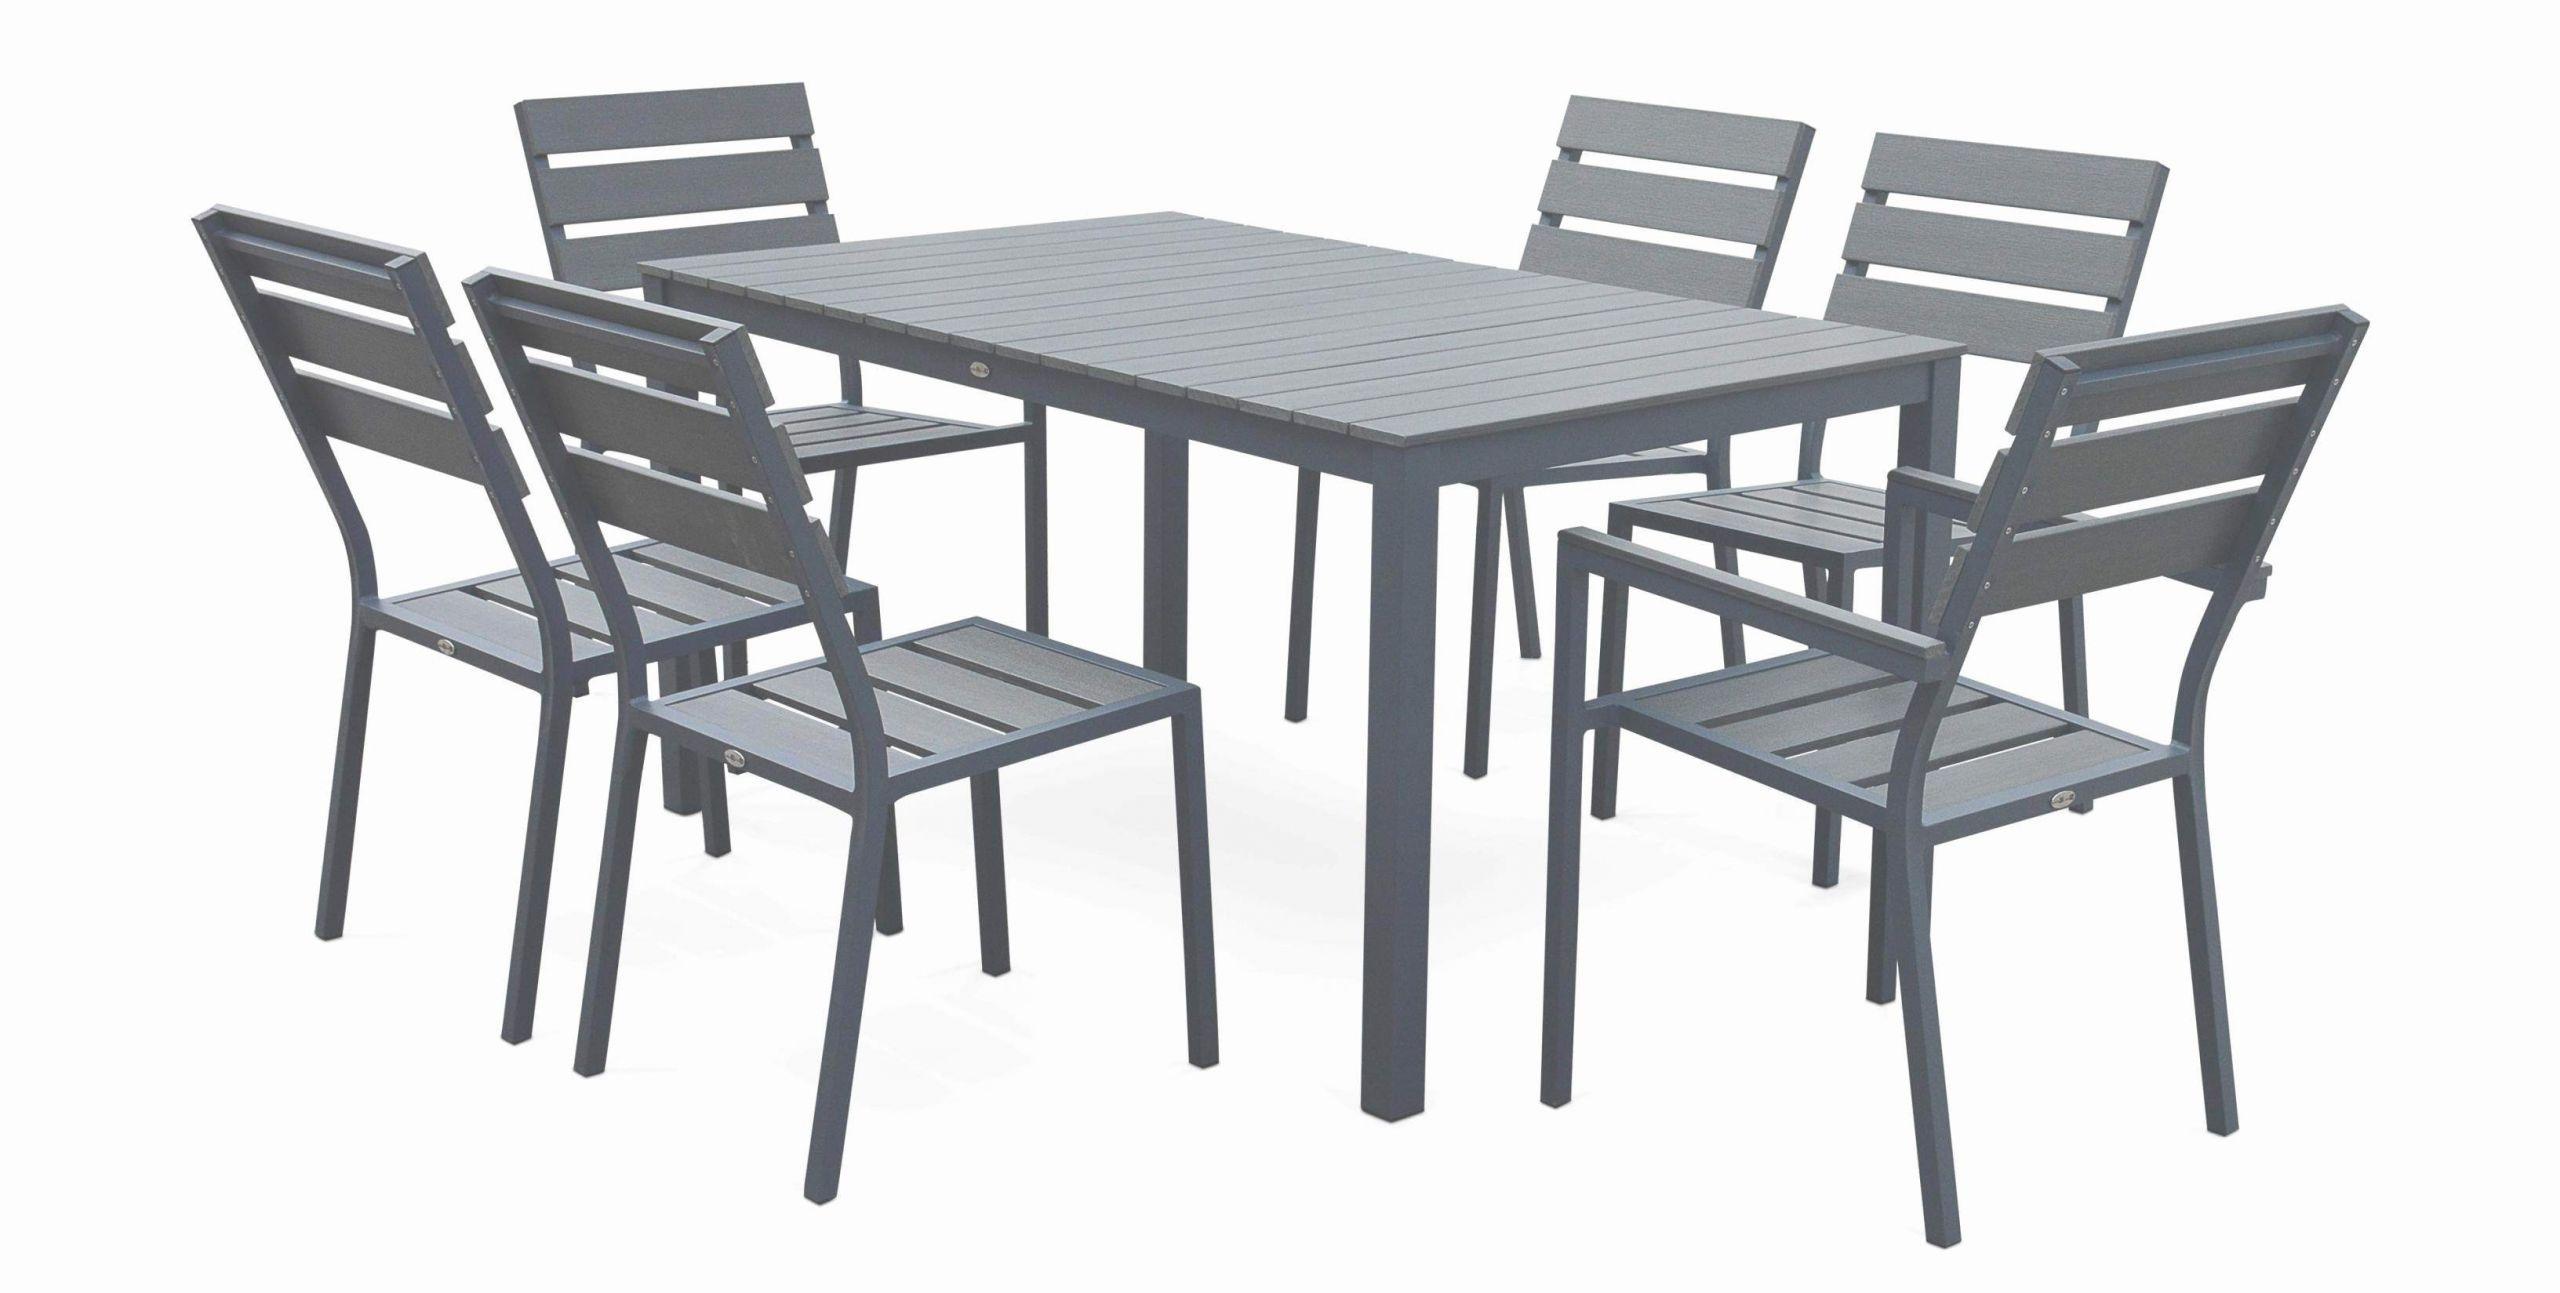 37 Charmant Table De Salon De Jardin Leclerc | Salon Jardin serapportantà Table De Jardin Pas Cher En Plastique Leclerc